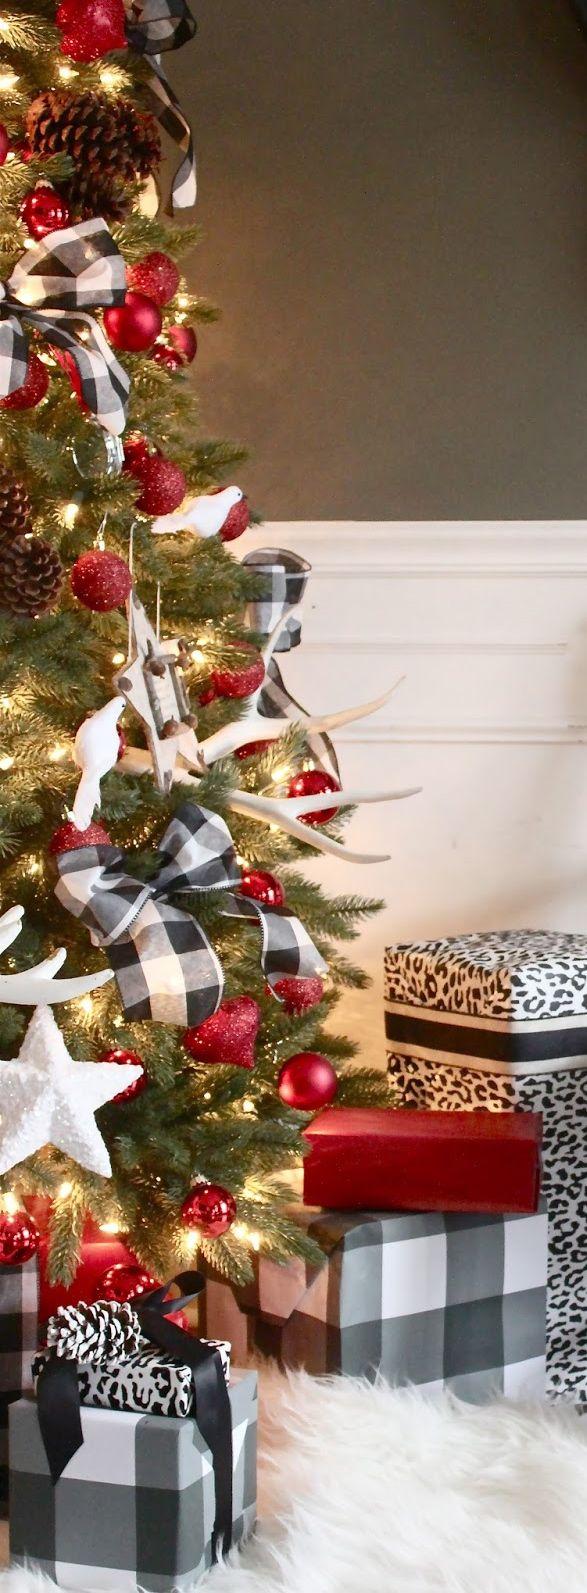 Tendencia en decoracion de navidad rustica pinos 22 - Decoracion de habitaciones en navidad ...